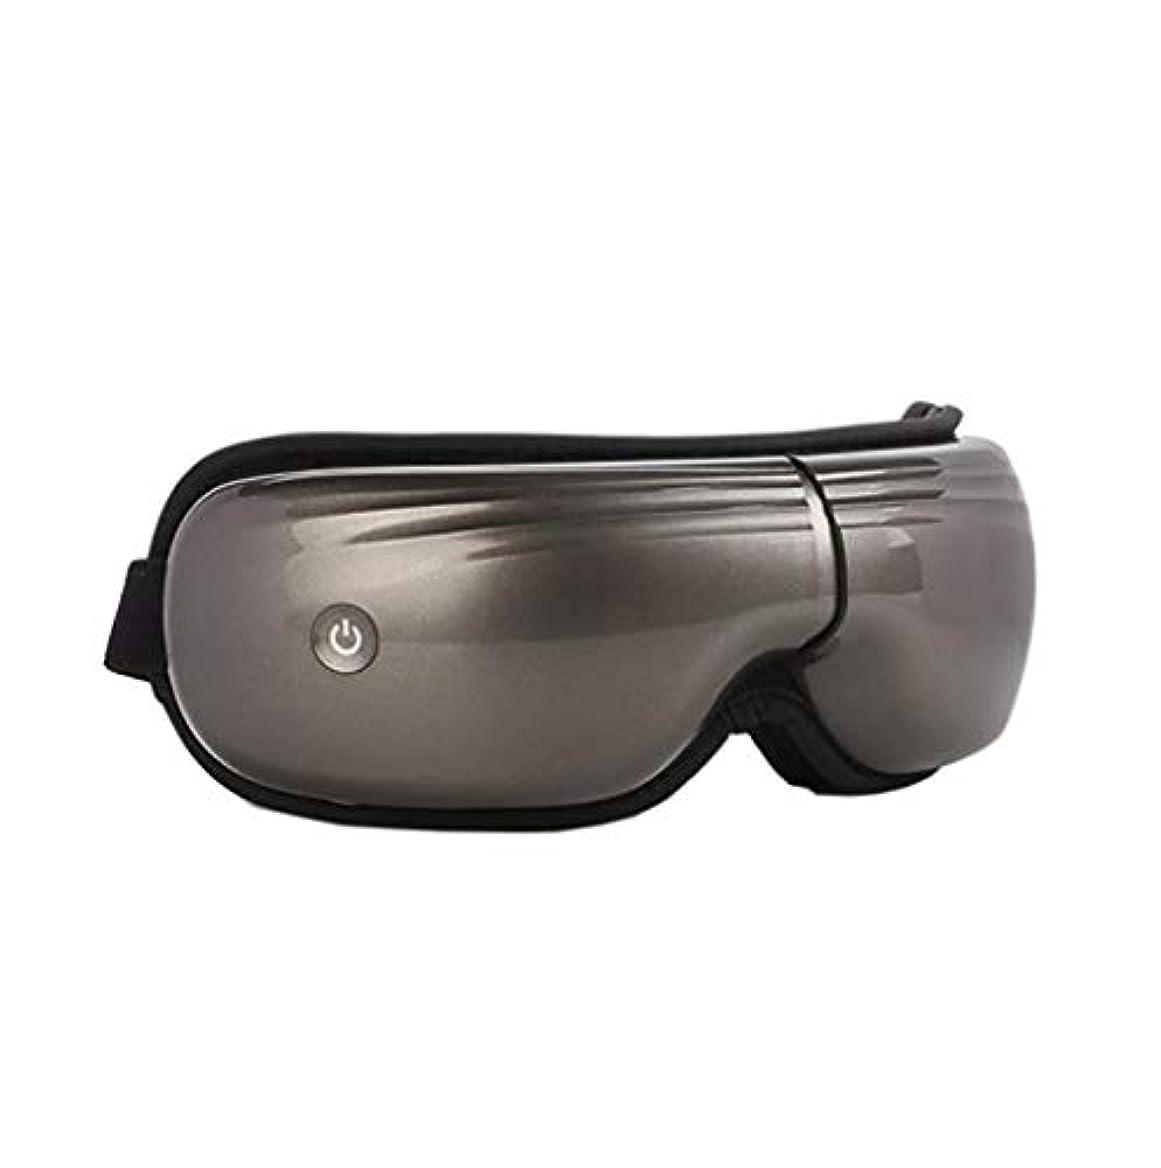 注入するストレスシングルマッサージアイマスク、5つの調整可能なマッサージモードを備えた振動式ワイヤレスアイマッサージャー、なだめるような音楽、アイリラクシングアイバッグとダークサークル、目の疲れを和らげる (Color : Grey)